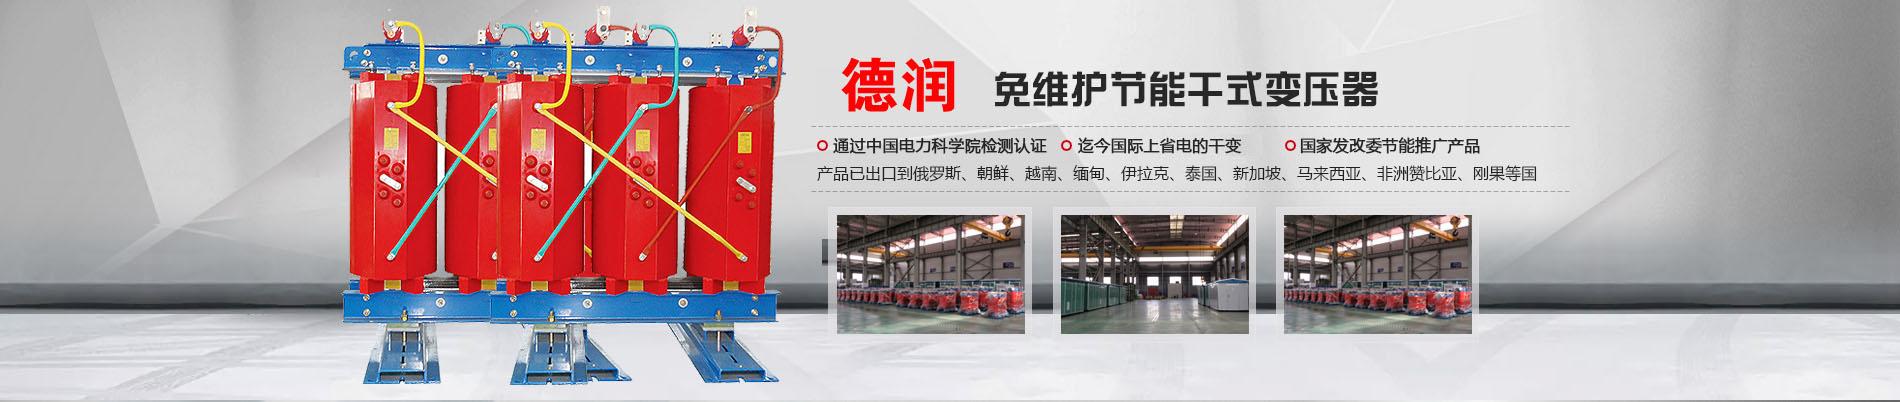 菏泽干式变压器厂家